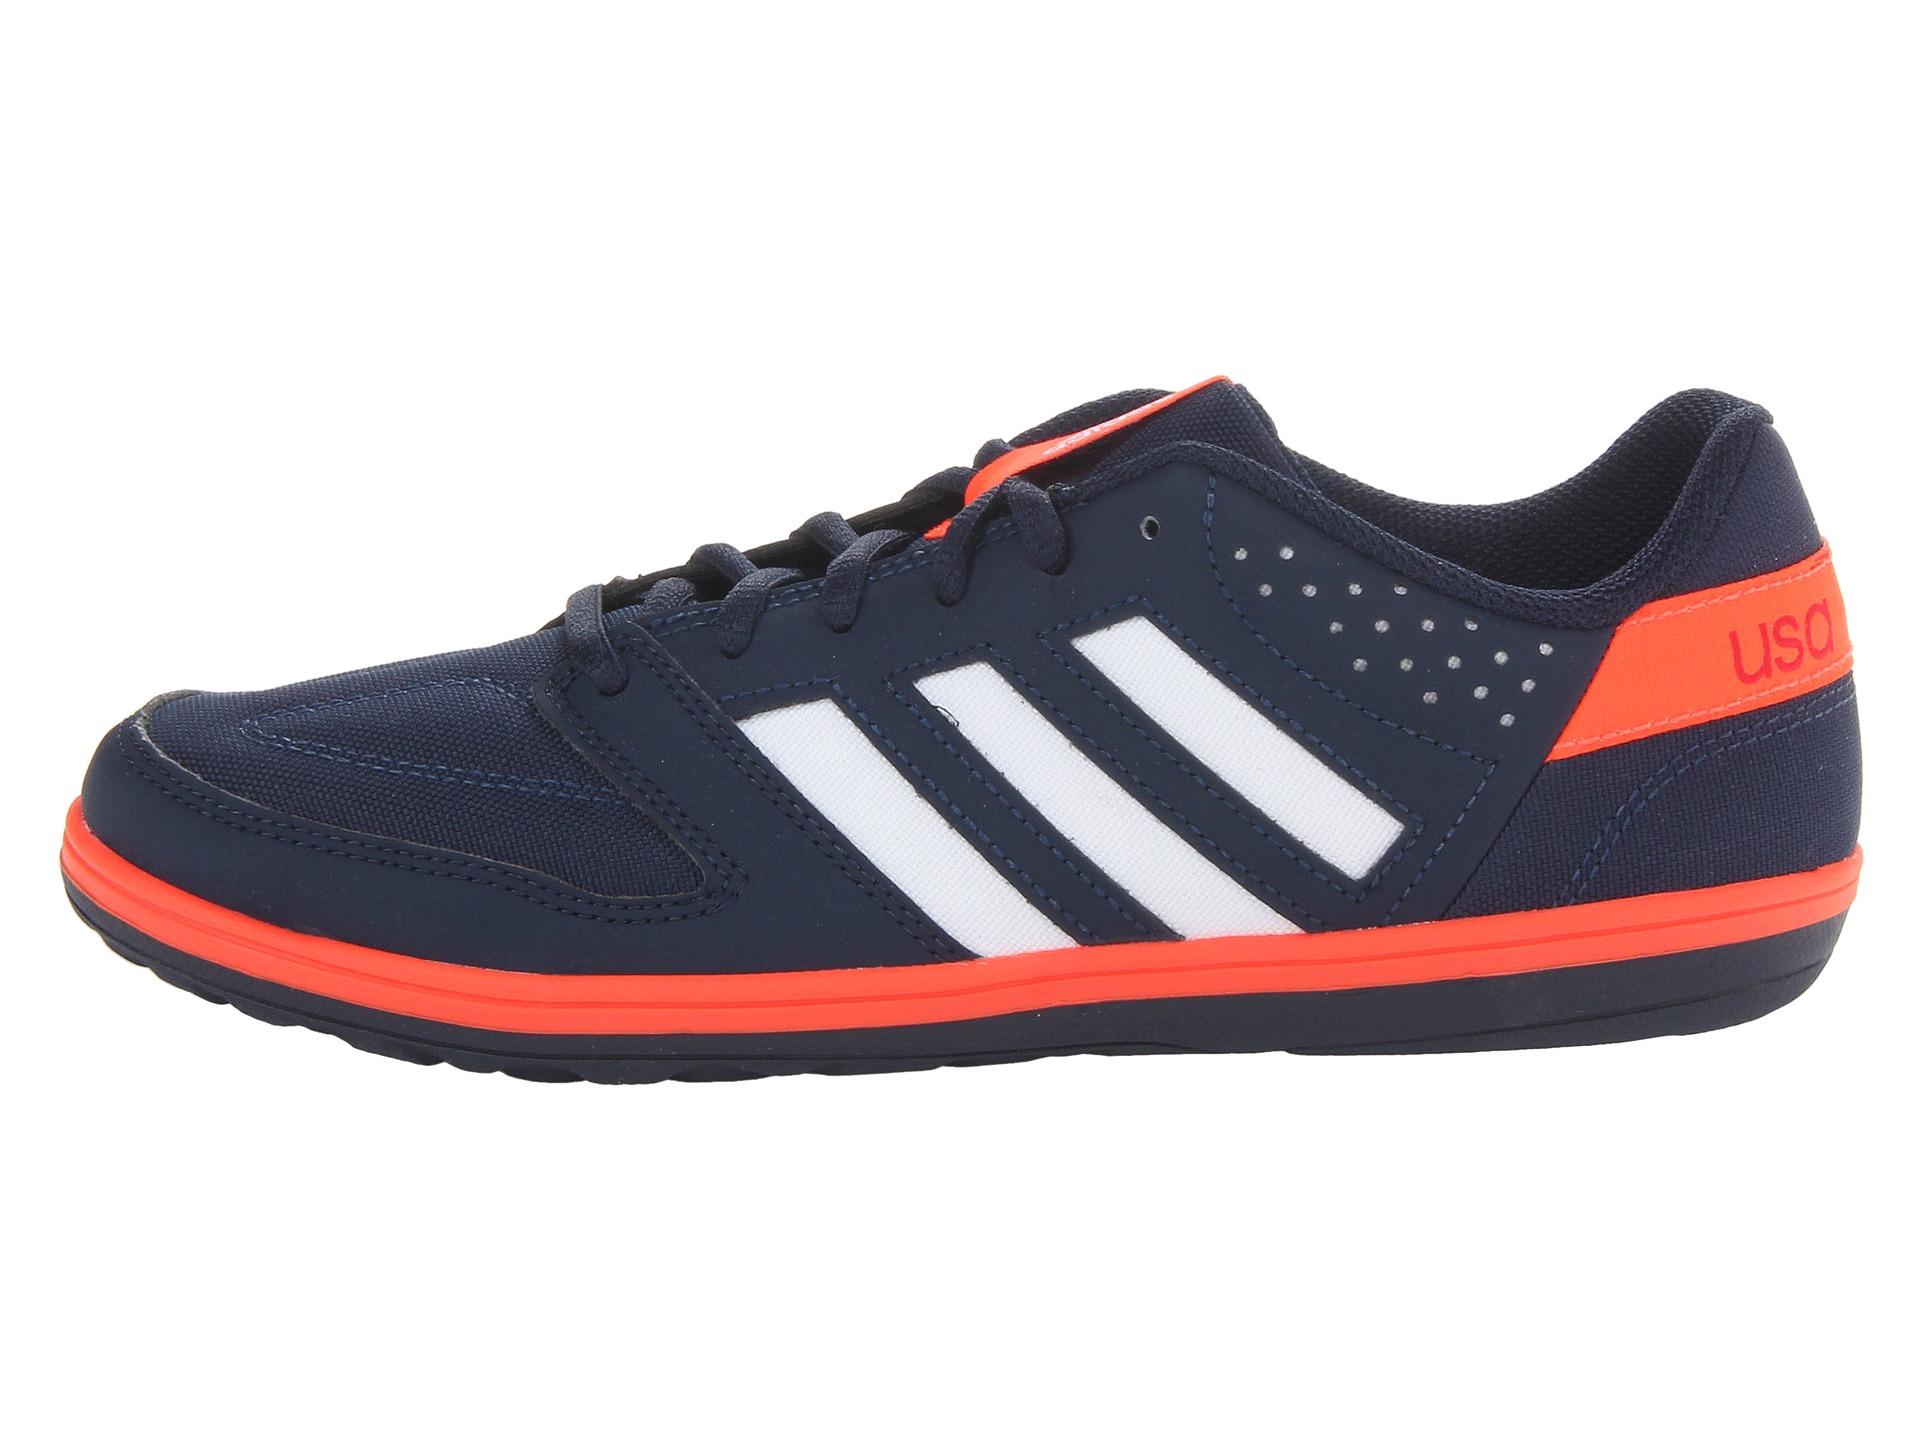 Adidas Freefootball Top Sala Football Futsal Indoor Court Soccer Shoes